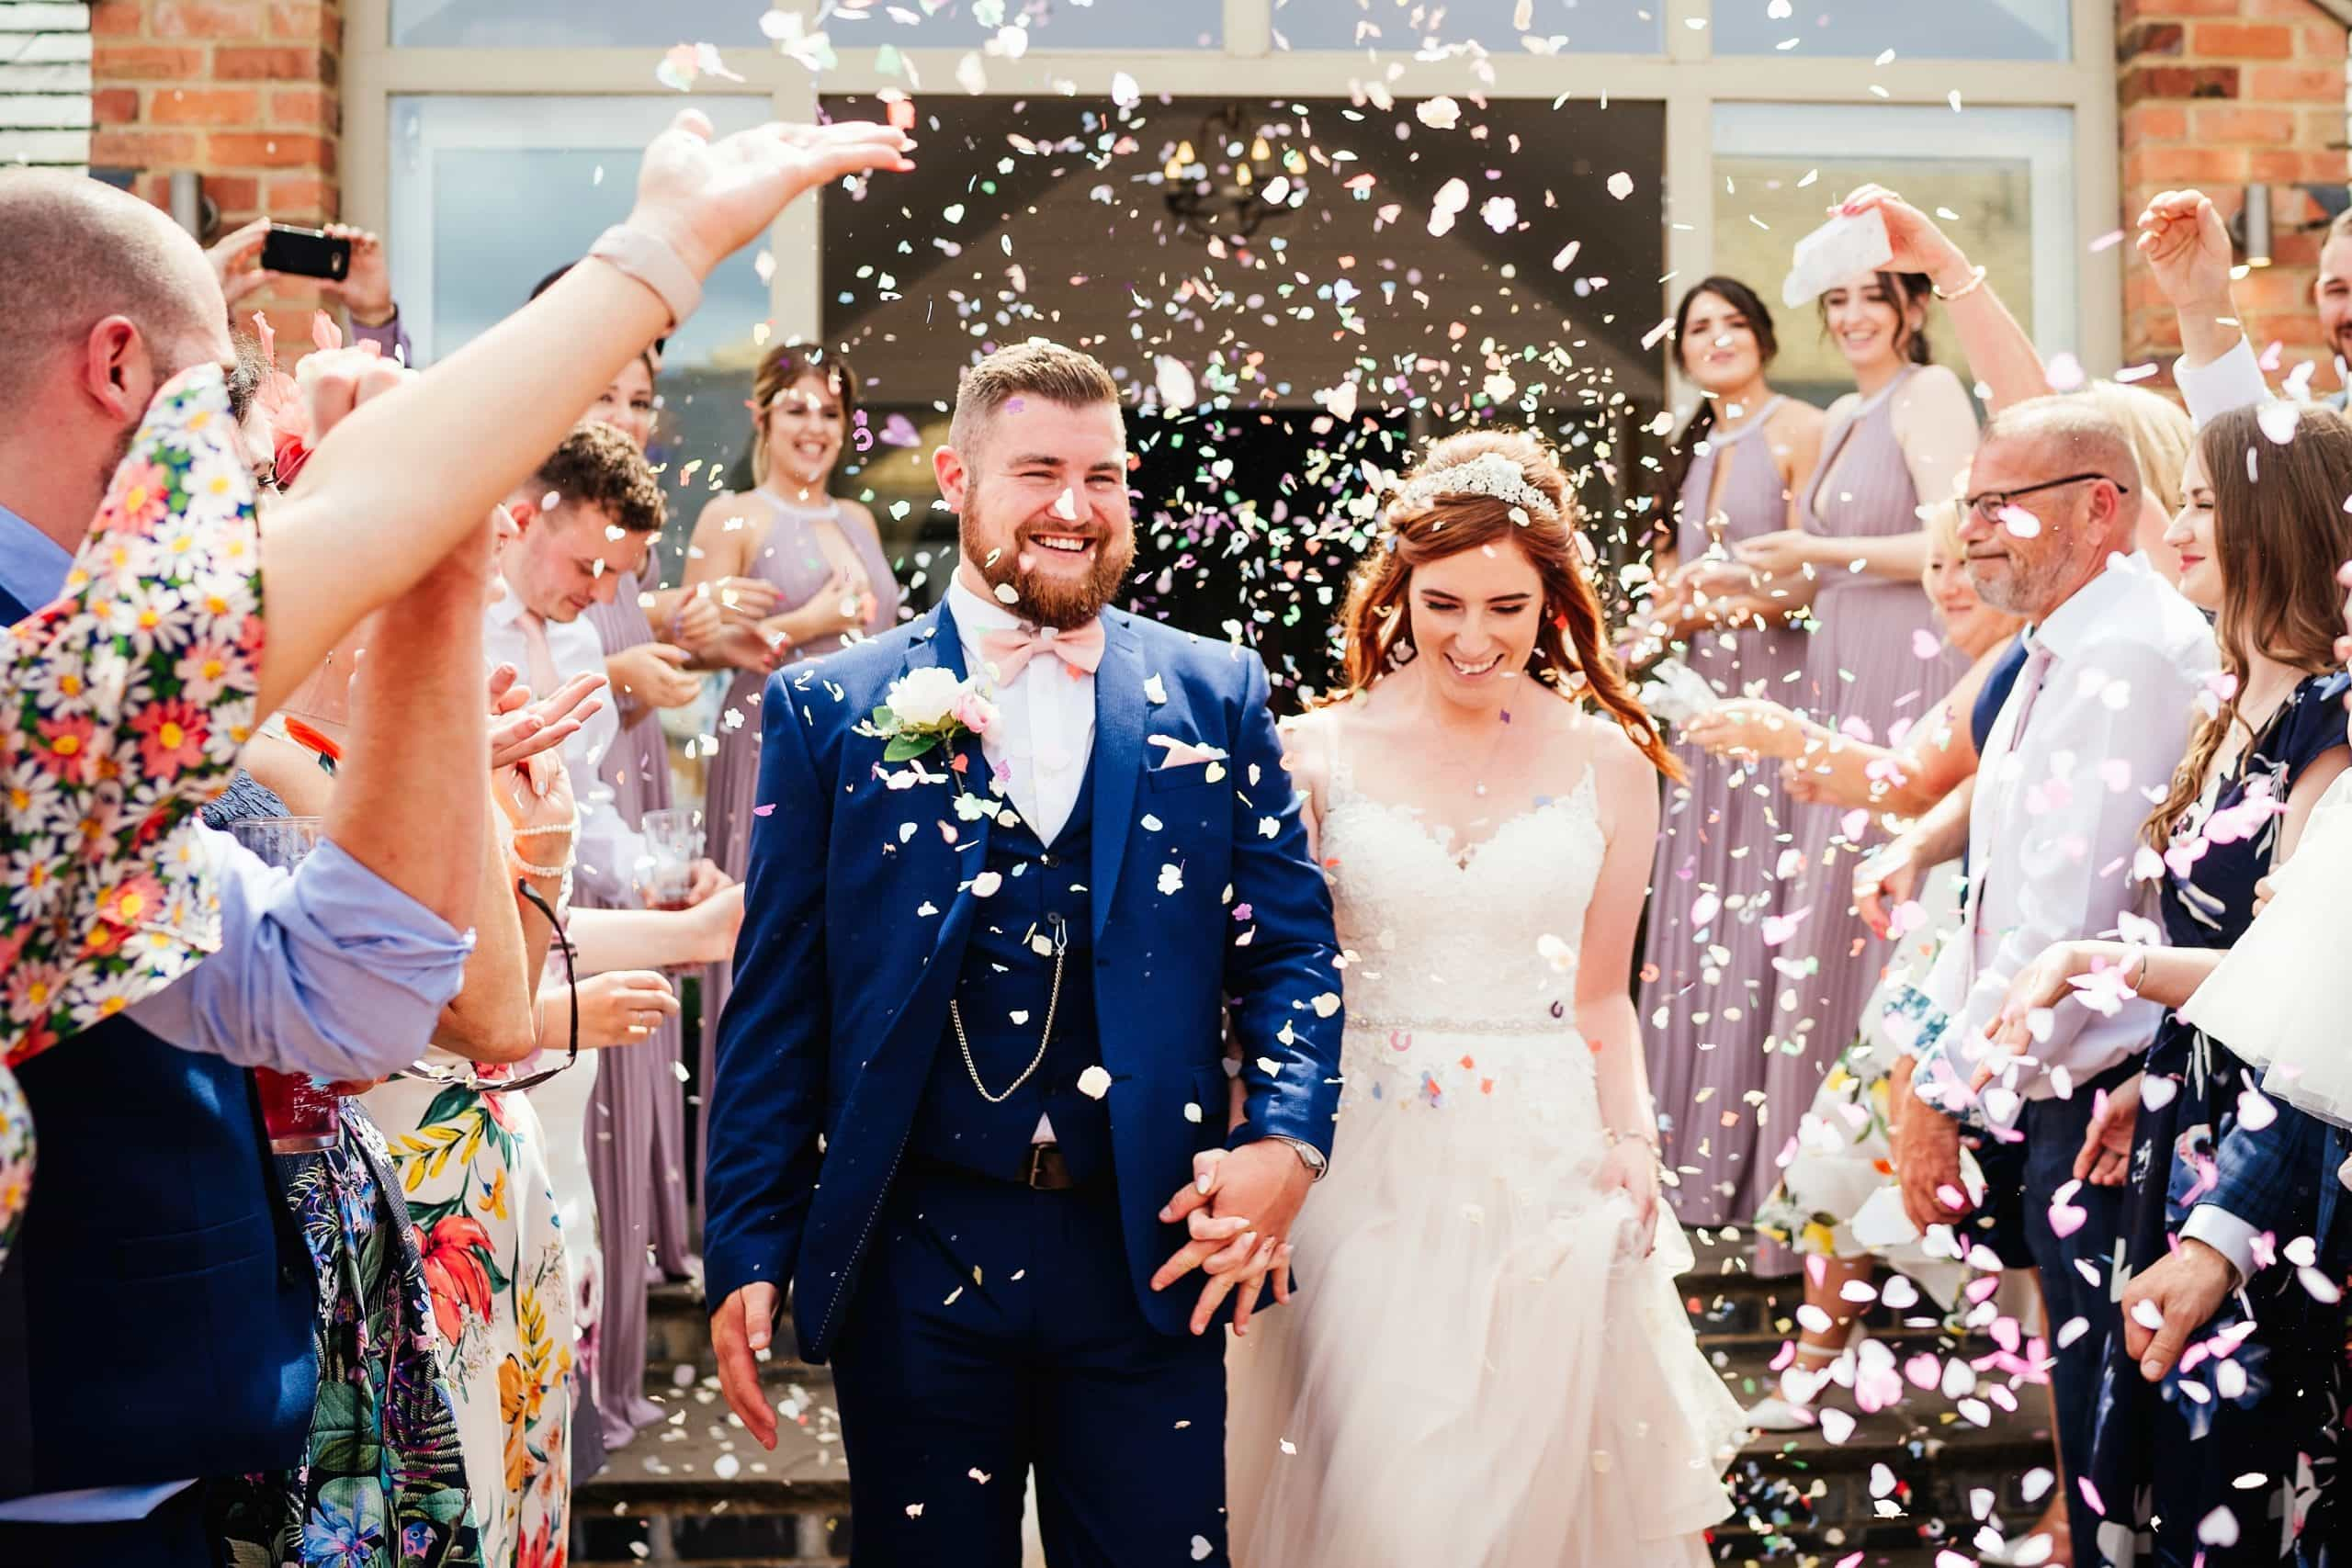 normanton-church-wedding-photography-24